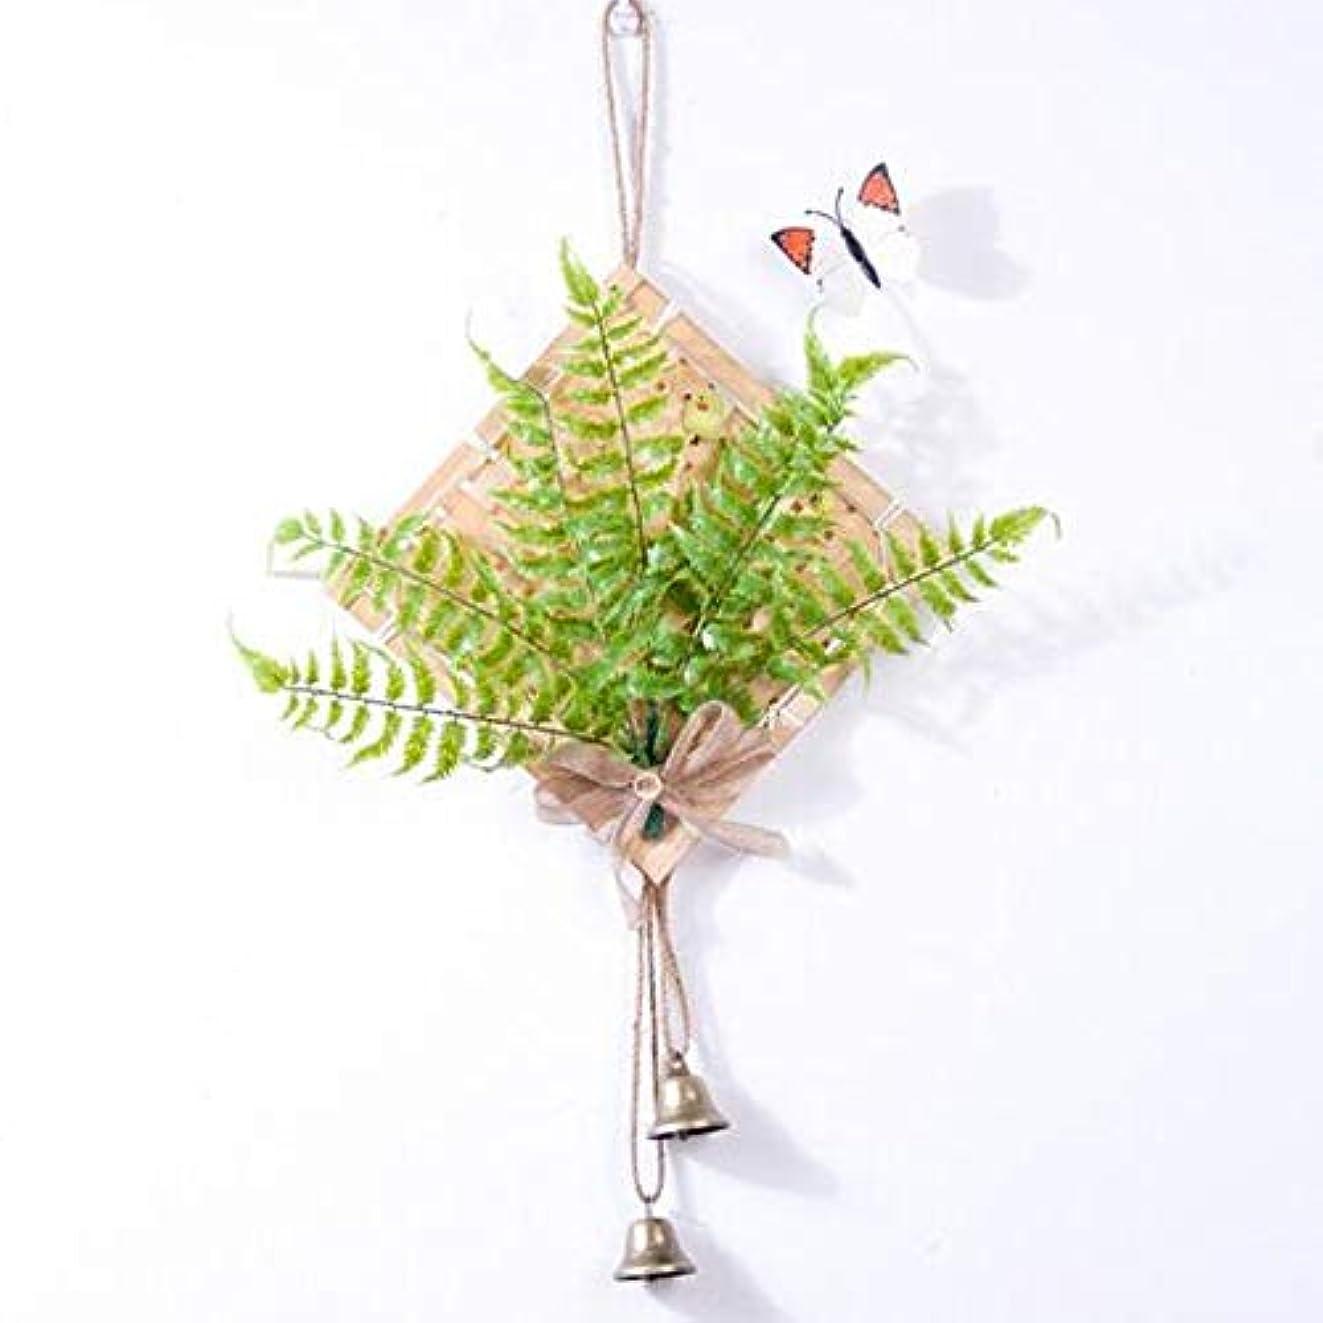 試験振る舞う予測Fengshangshanghang 風チャイム、クリエイティブ?竹風チャイム、白、幅28.5cmくらい,家の装飾 (Color : Green)